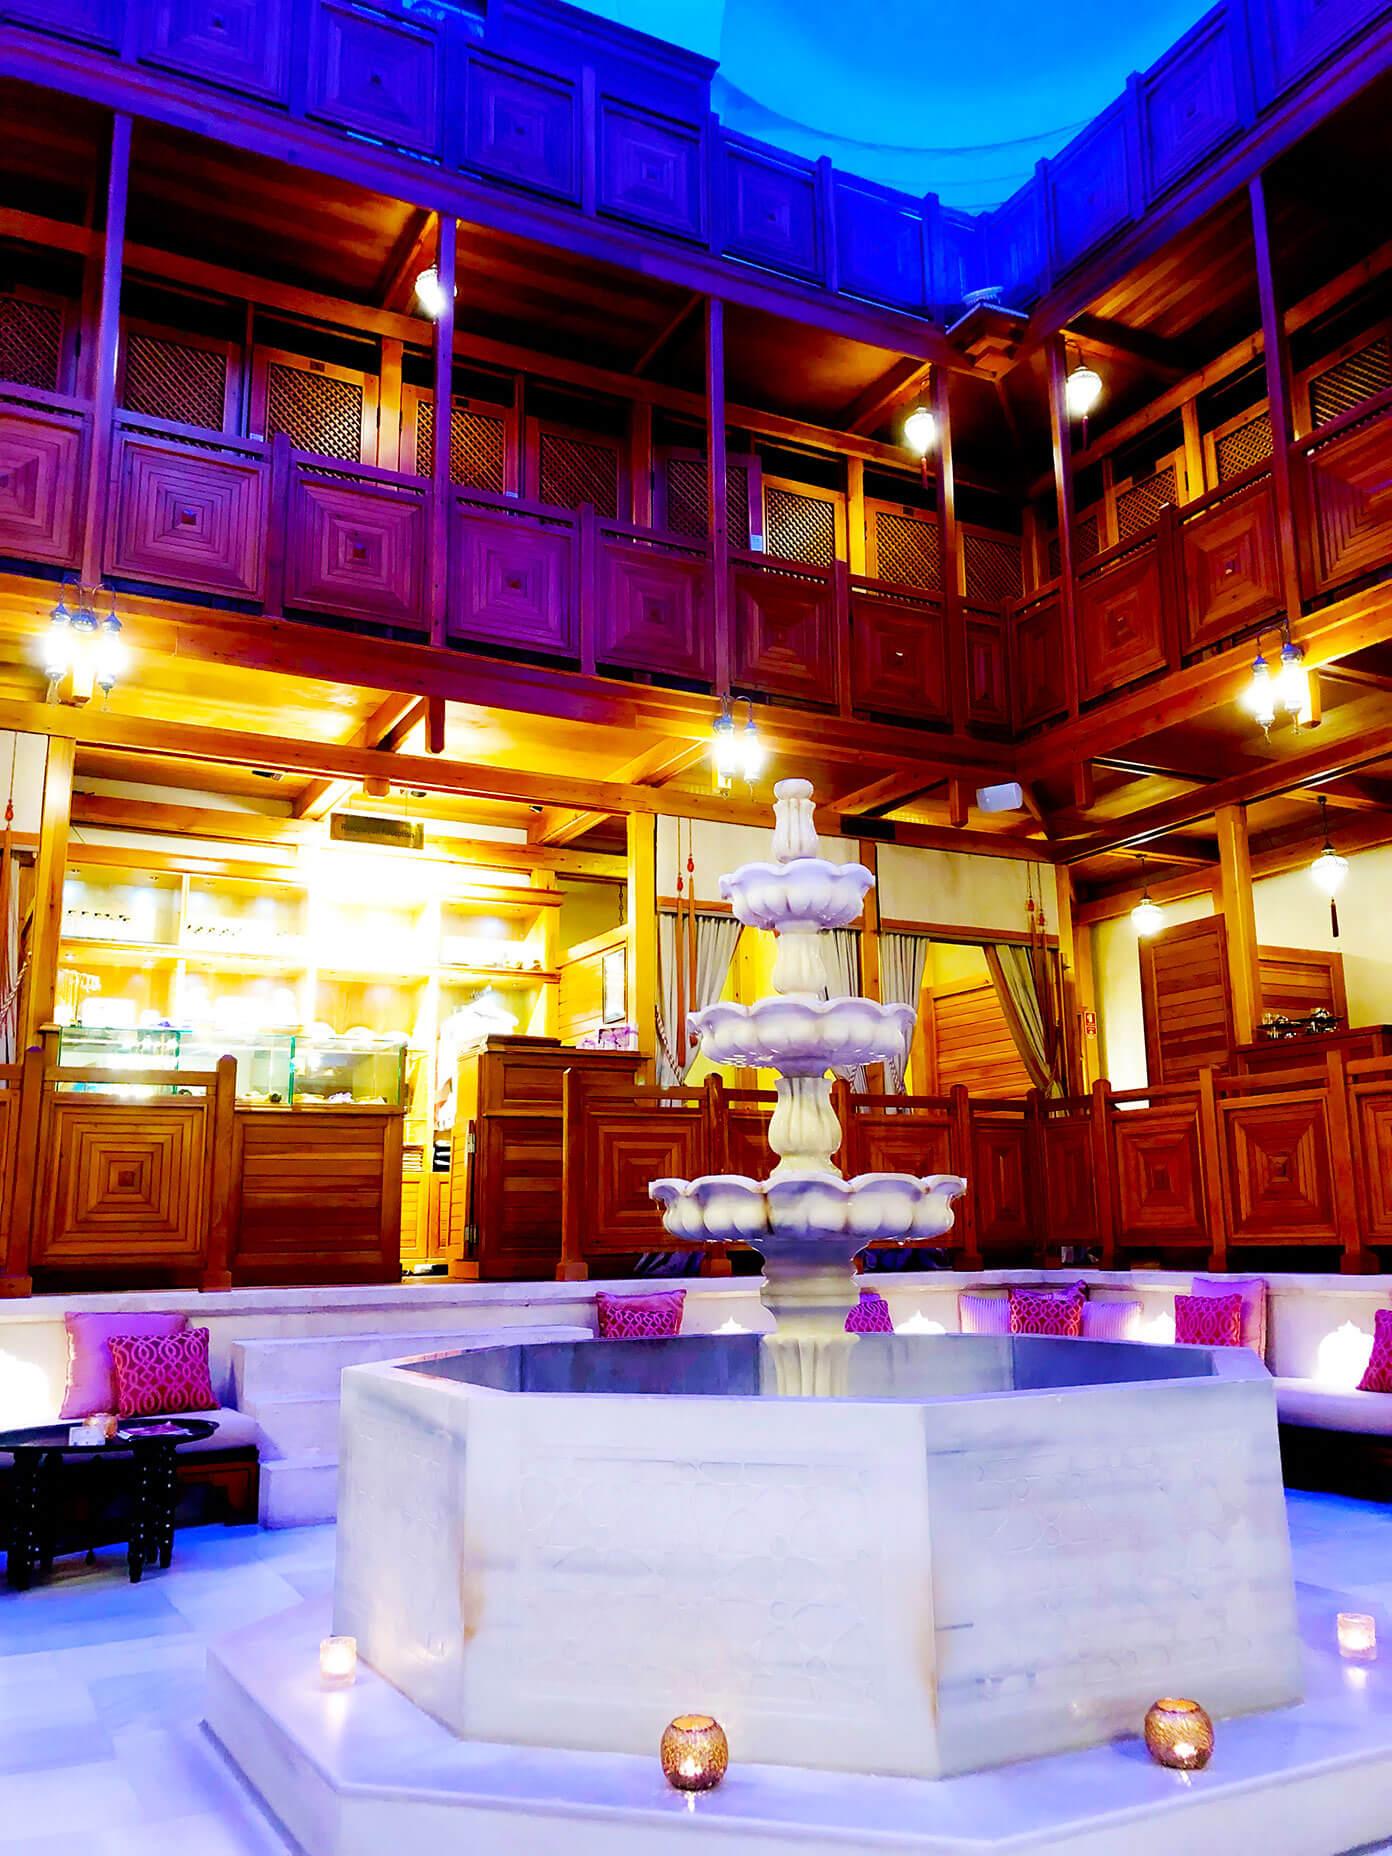 Hagia Sofia Hammam